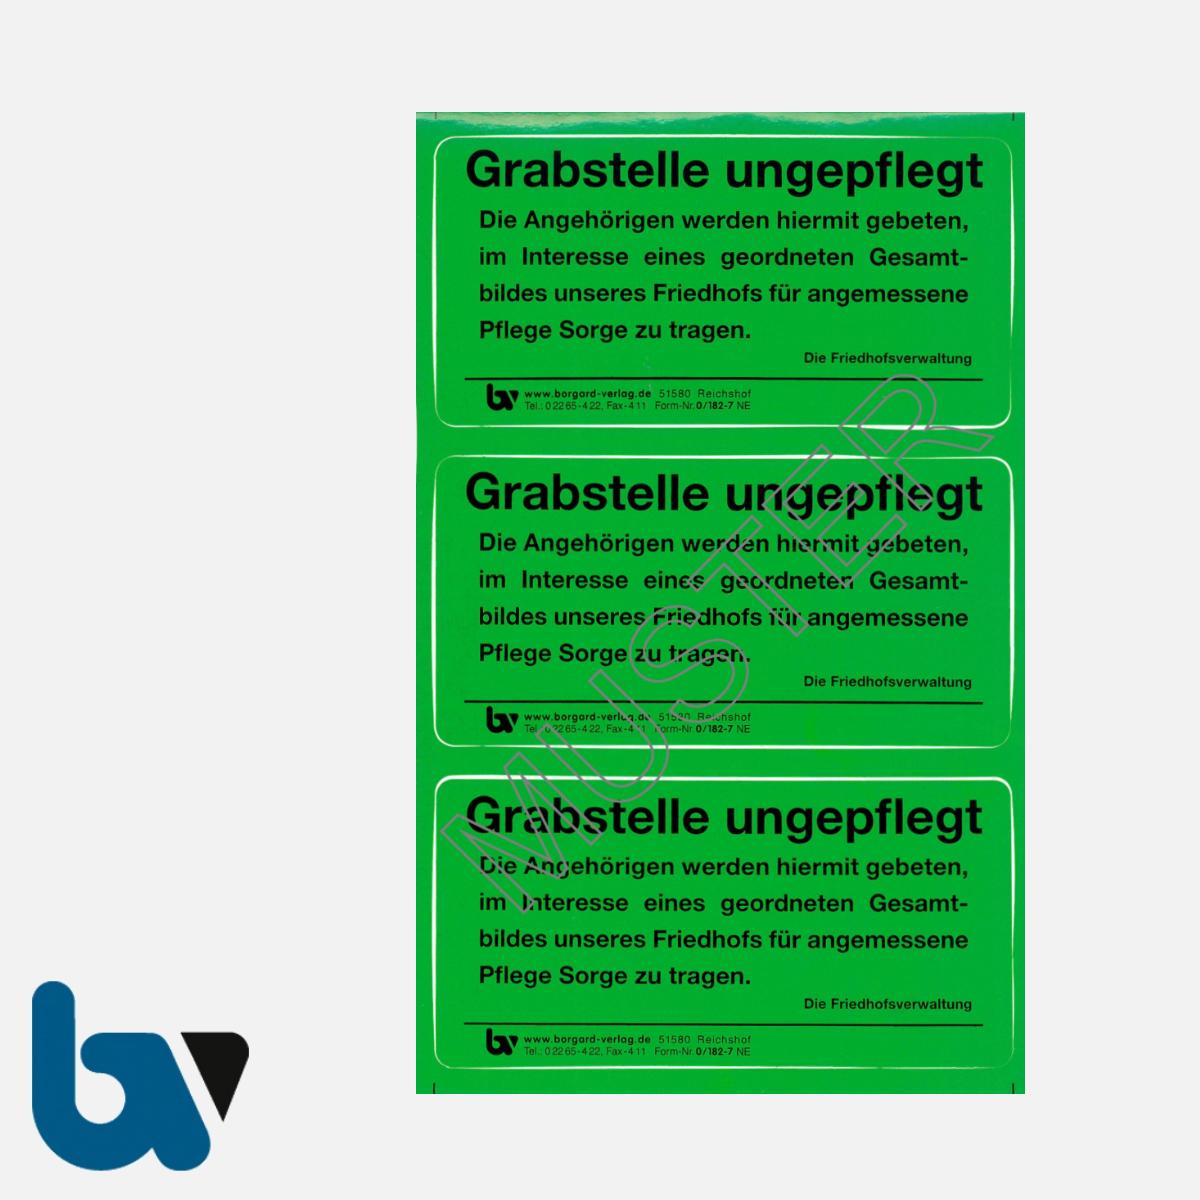 0/182-7 Grab Aufkleber Grabstelle ungepflegt Angehörige Aufforderung Pflege Friedhof Verwaltung grün PVC Folie selbstklebend | Borgard Verlag GmbH